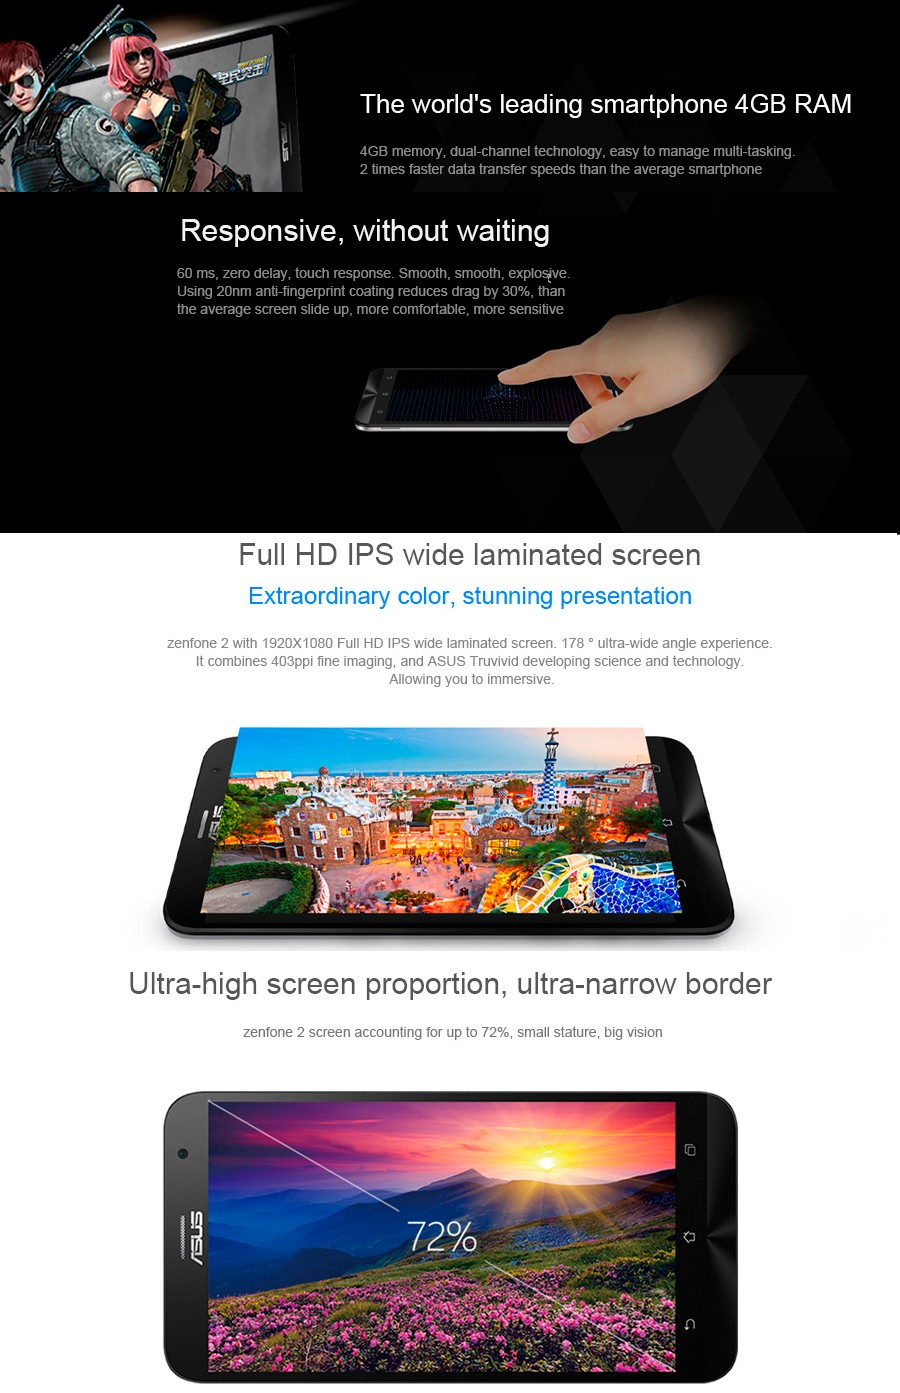 Tempat Jual Zenfone 2 Ram 2gb Terbaru 2018 Asus Ze550ml Lte 16gb Garansi Resmi Deluxe Ze551ml 55 Inch Rom 64bit Intel This Phone Will